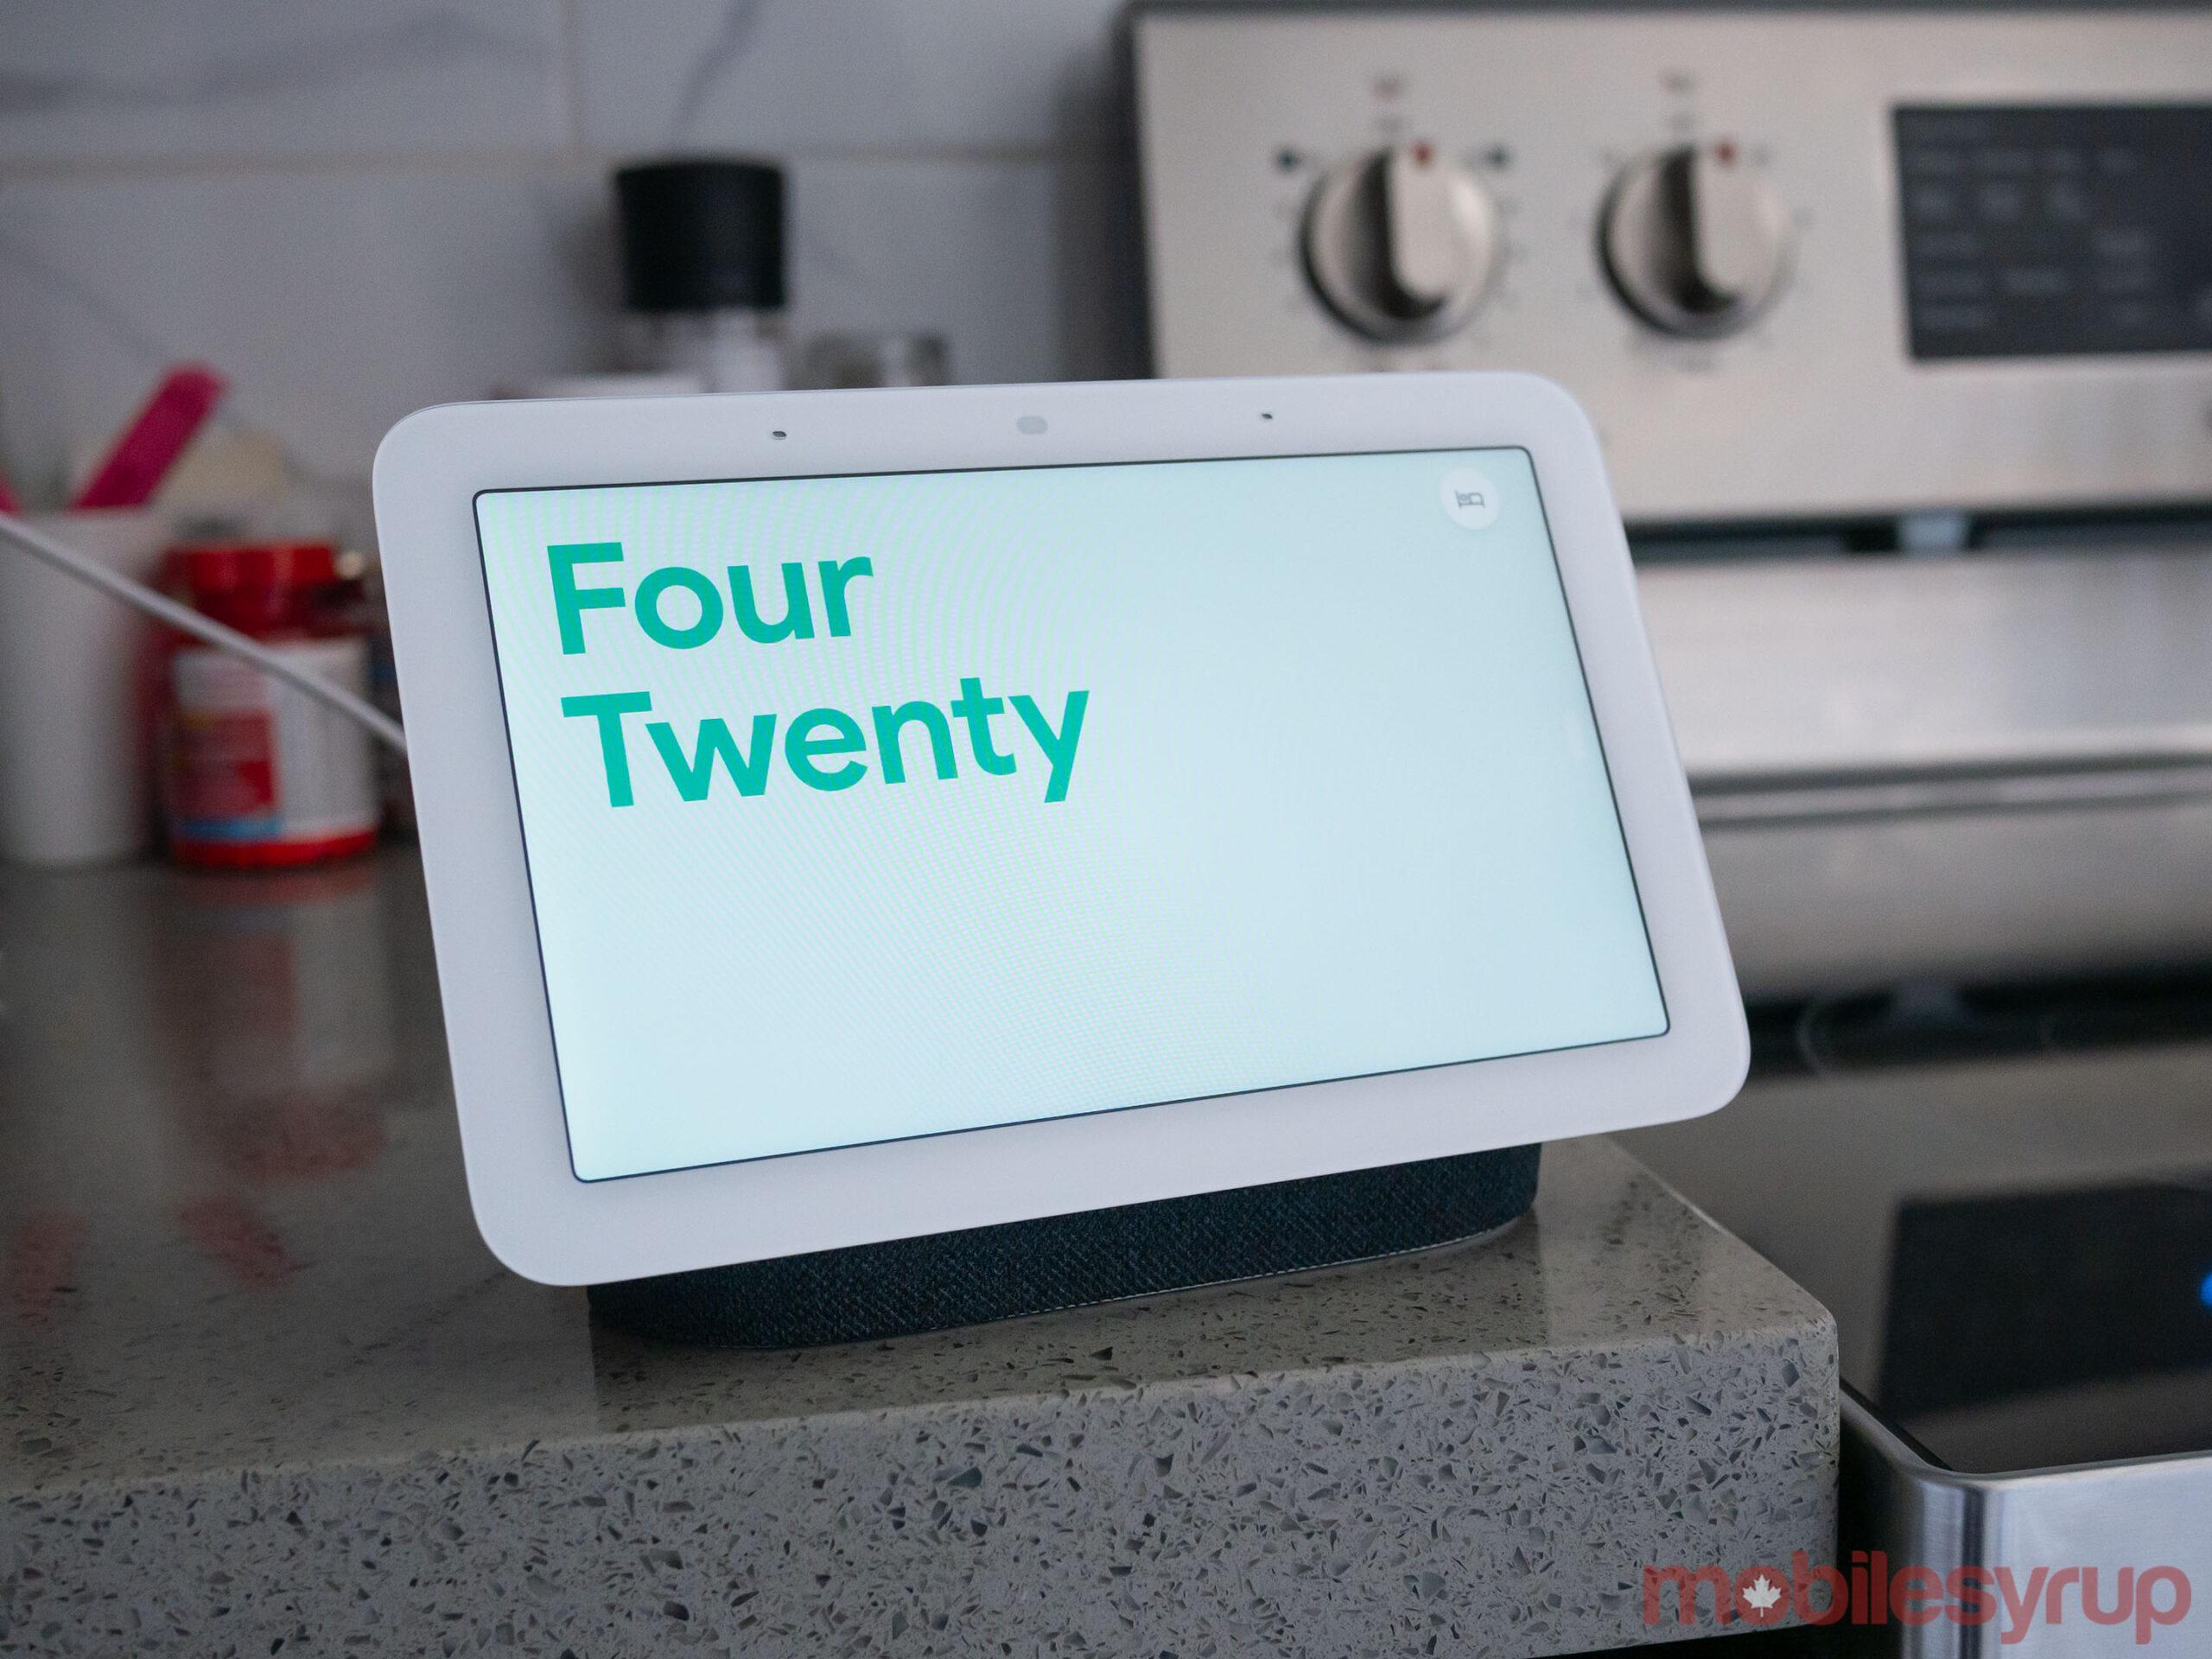 Nest Hub (2021) in kitchen